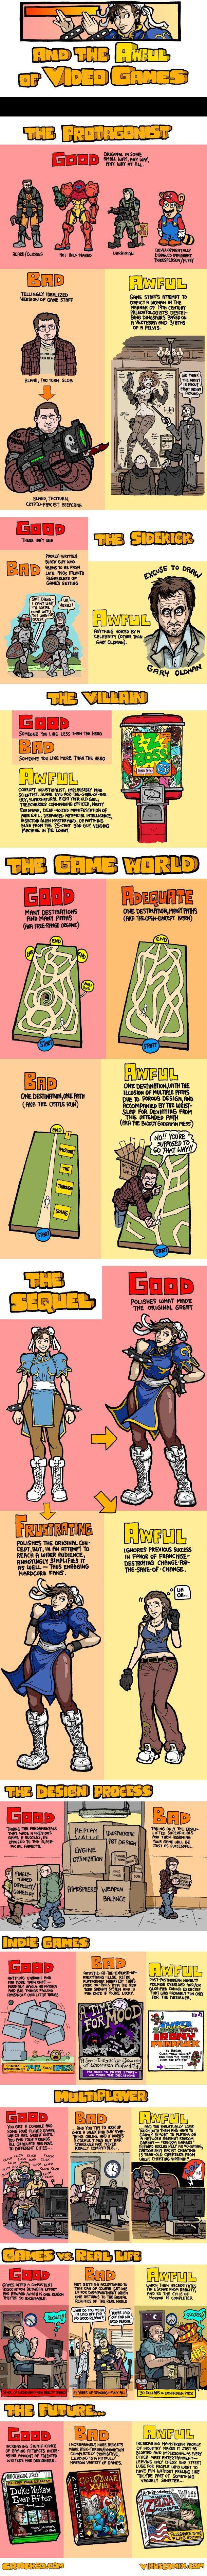 Le Bon, le Mauvais et le Pire choix dans la création d'un jeu vidéo ! #2